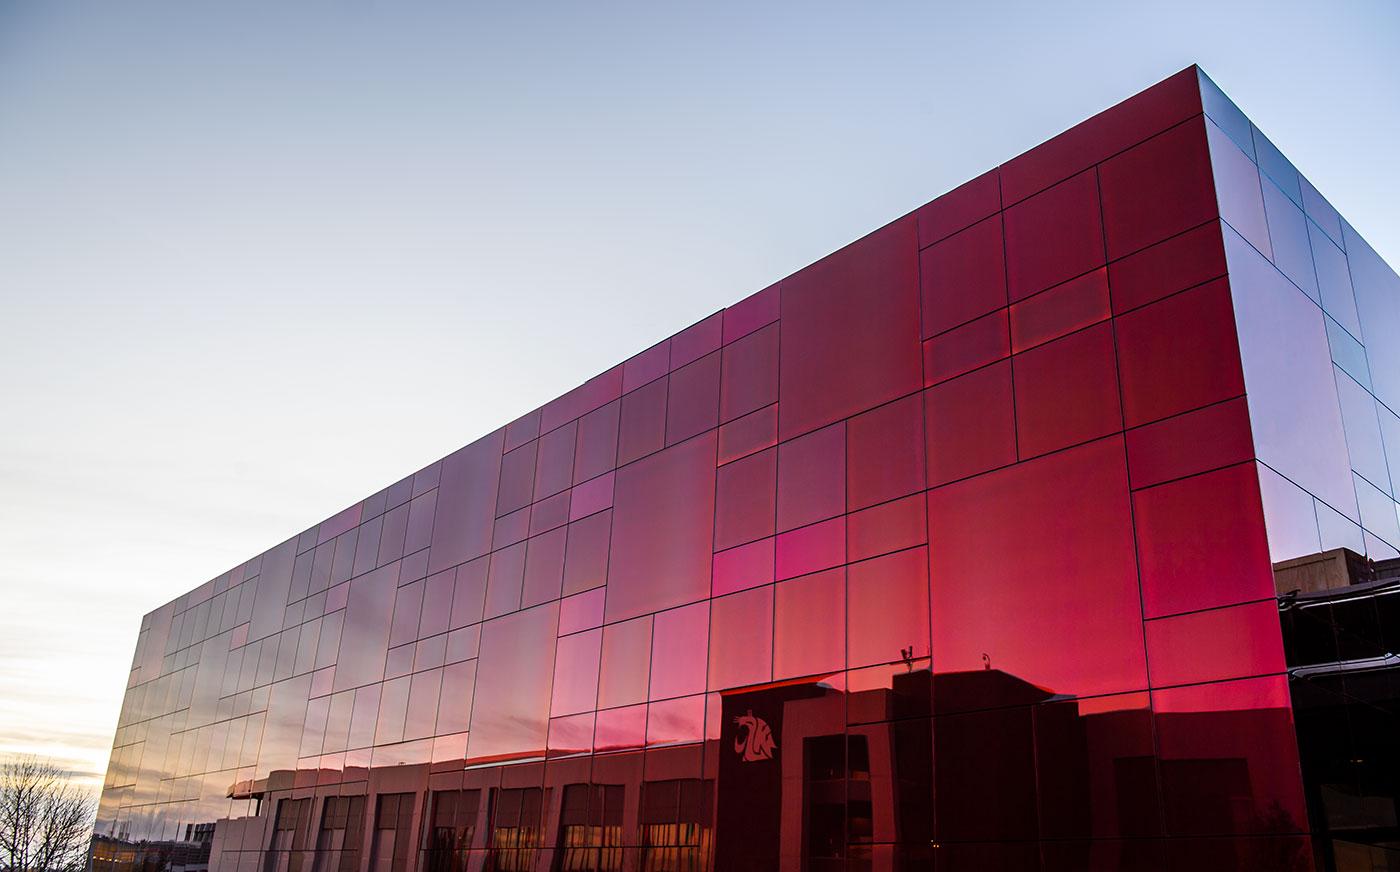 Gallery Jordan Schnitzer Museum Of ArtWSU Washington State - Jordan schnitzer museum